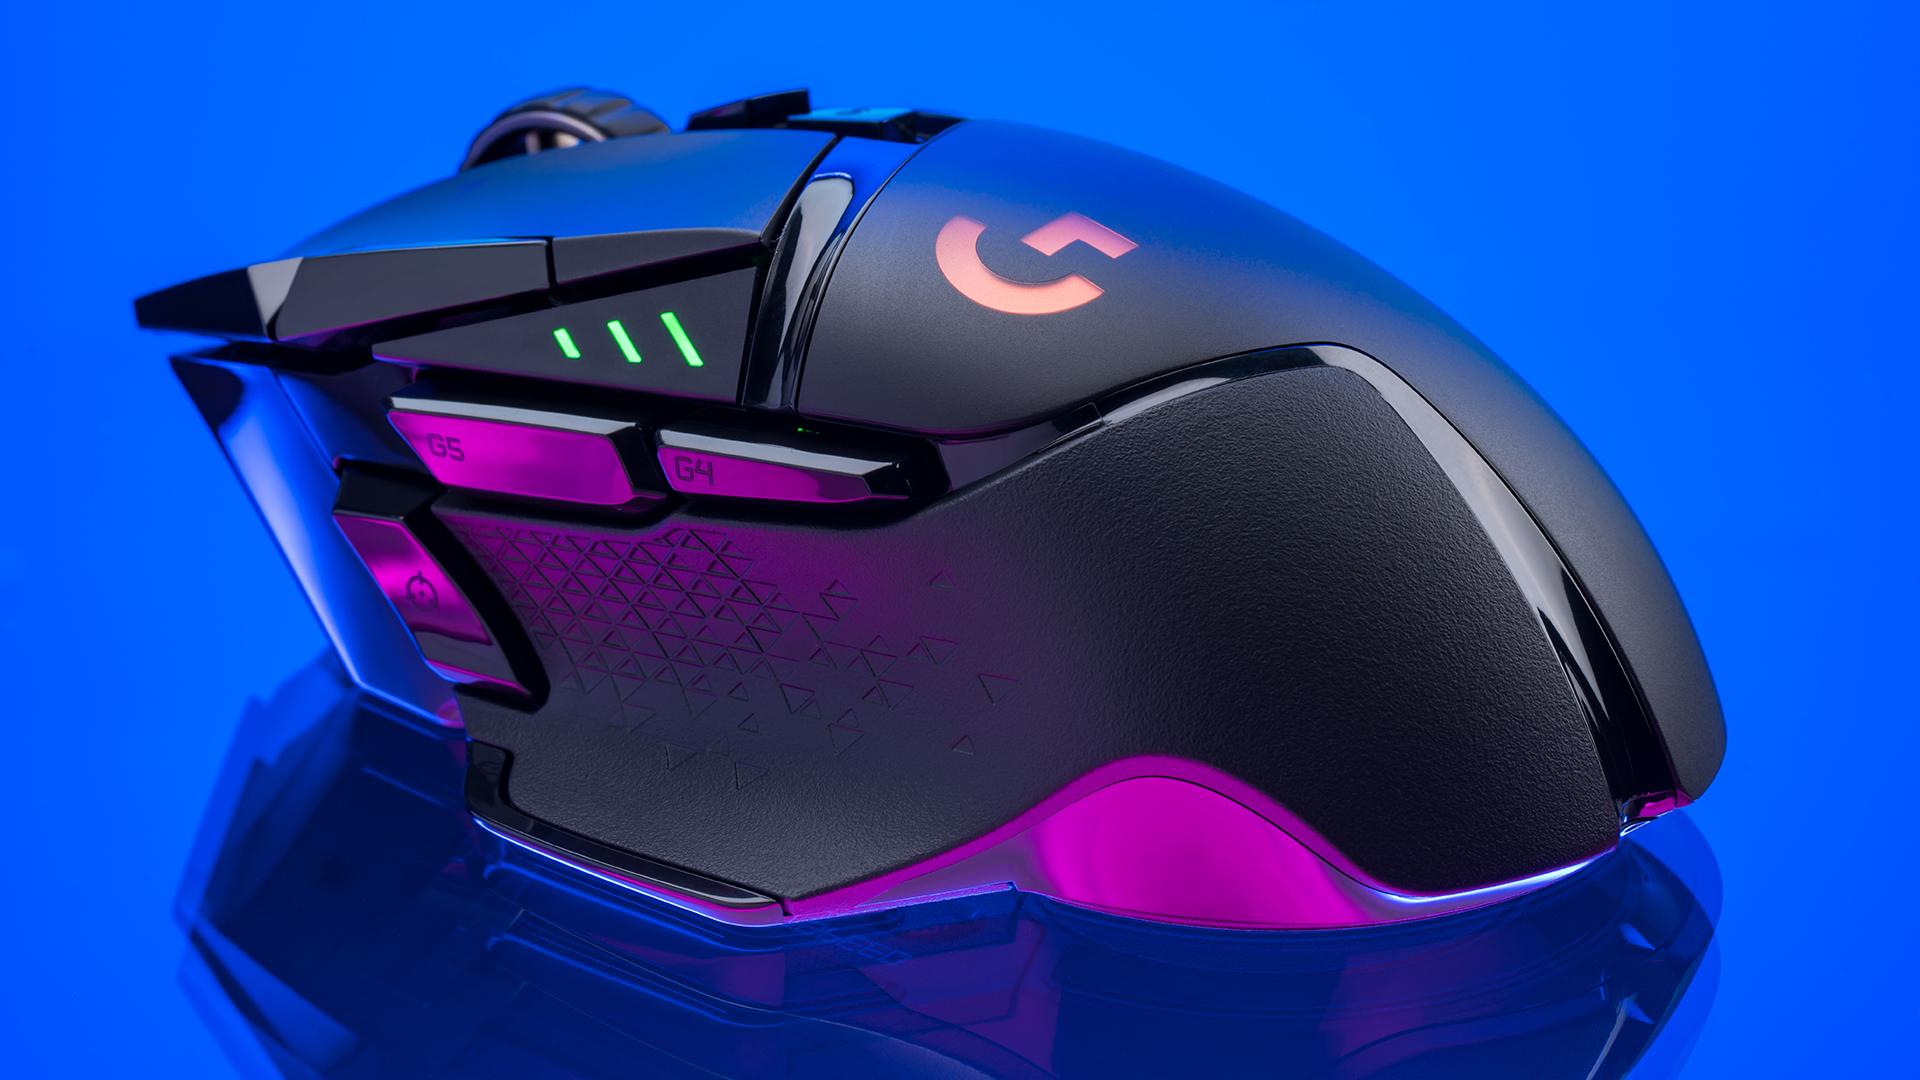 logitech g502 lightspeed wireless mouse review